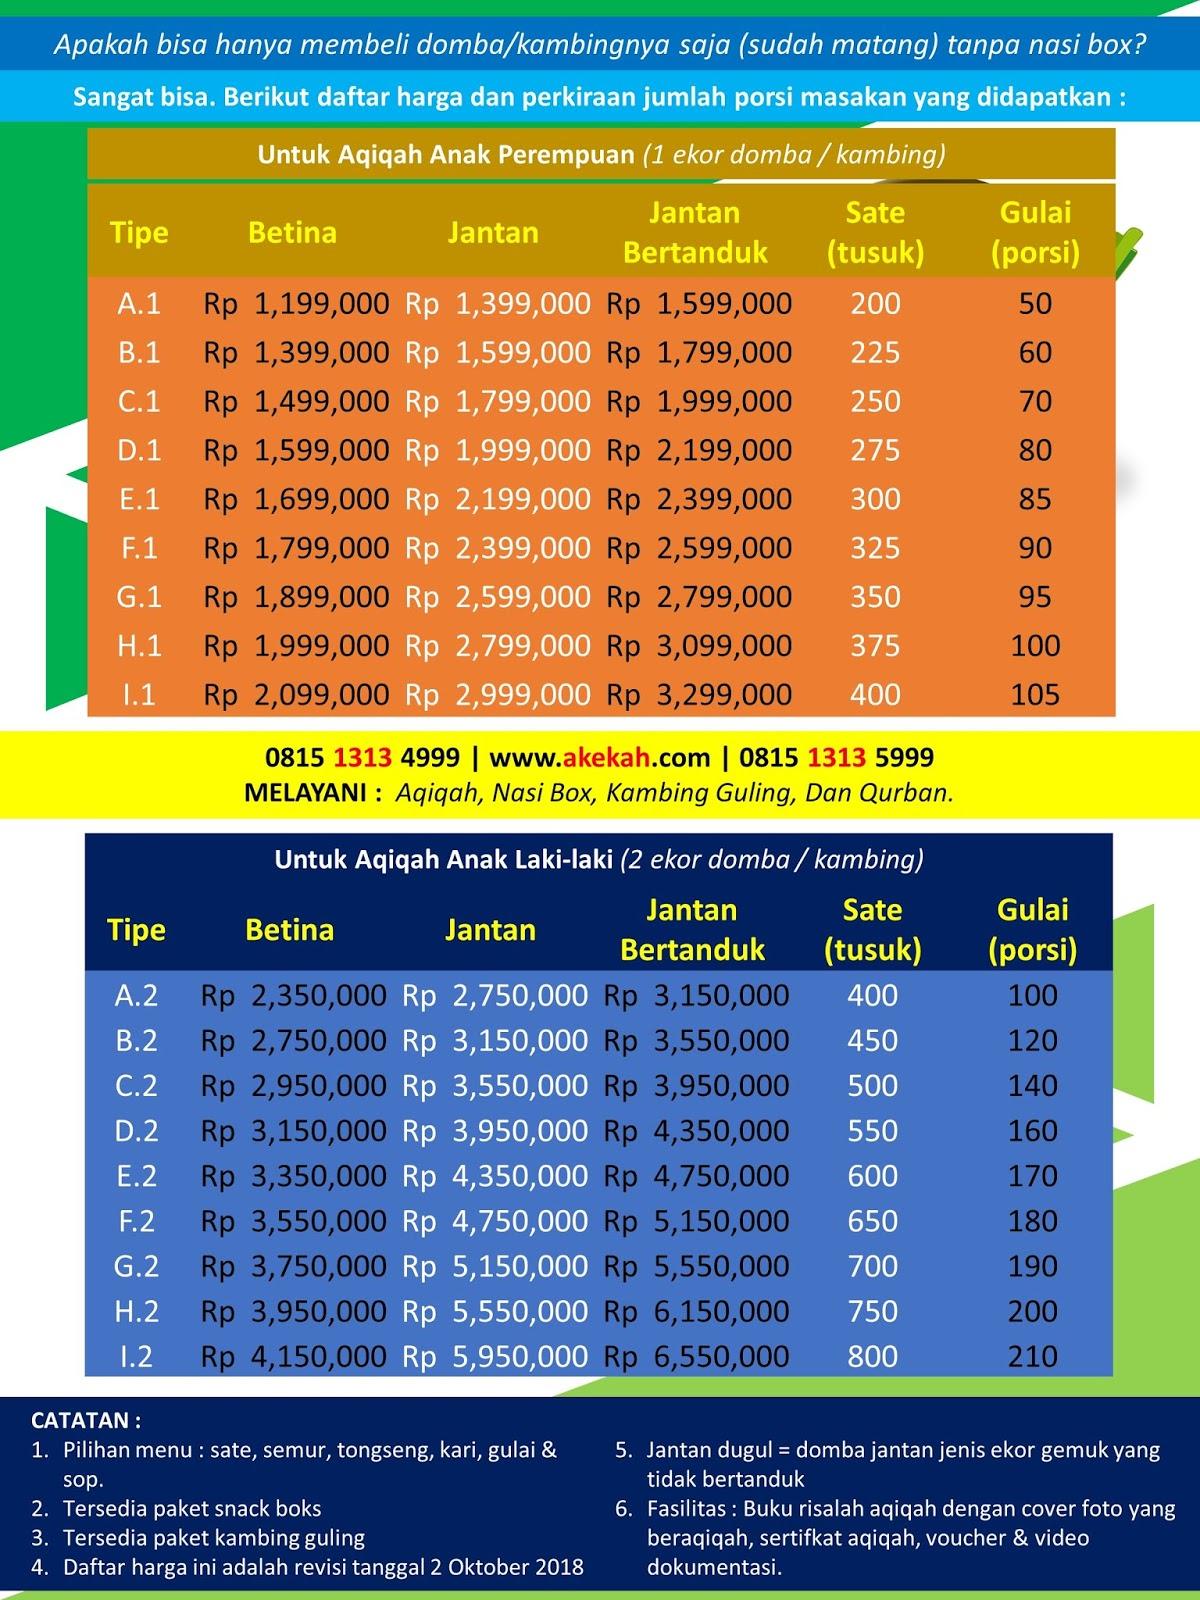 Harga Paket Akikah Dan Catering Plus Untuk Anak Laki-Laki Wilayah Kabupaten Bogor